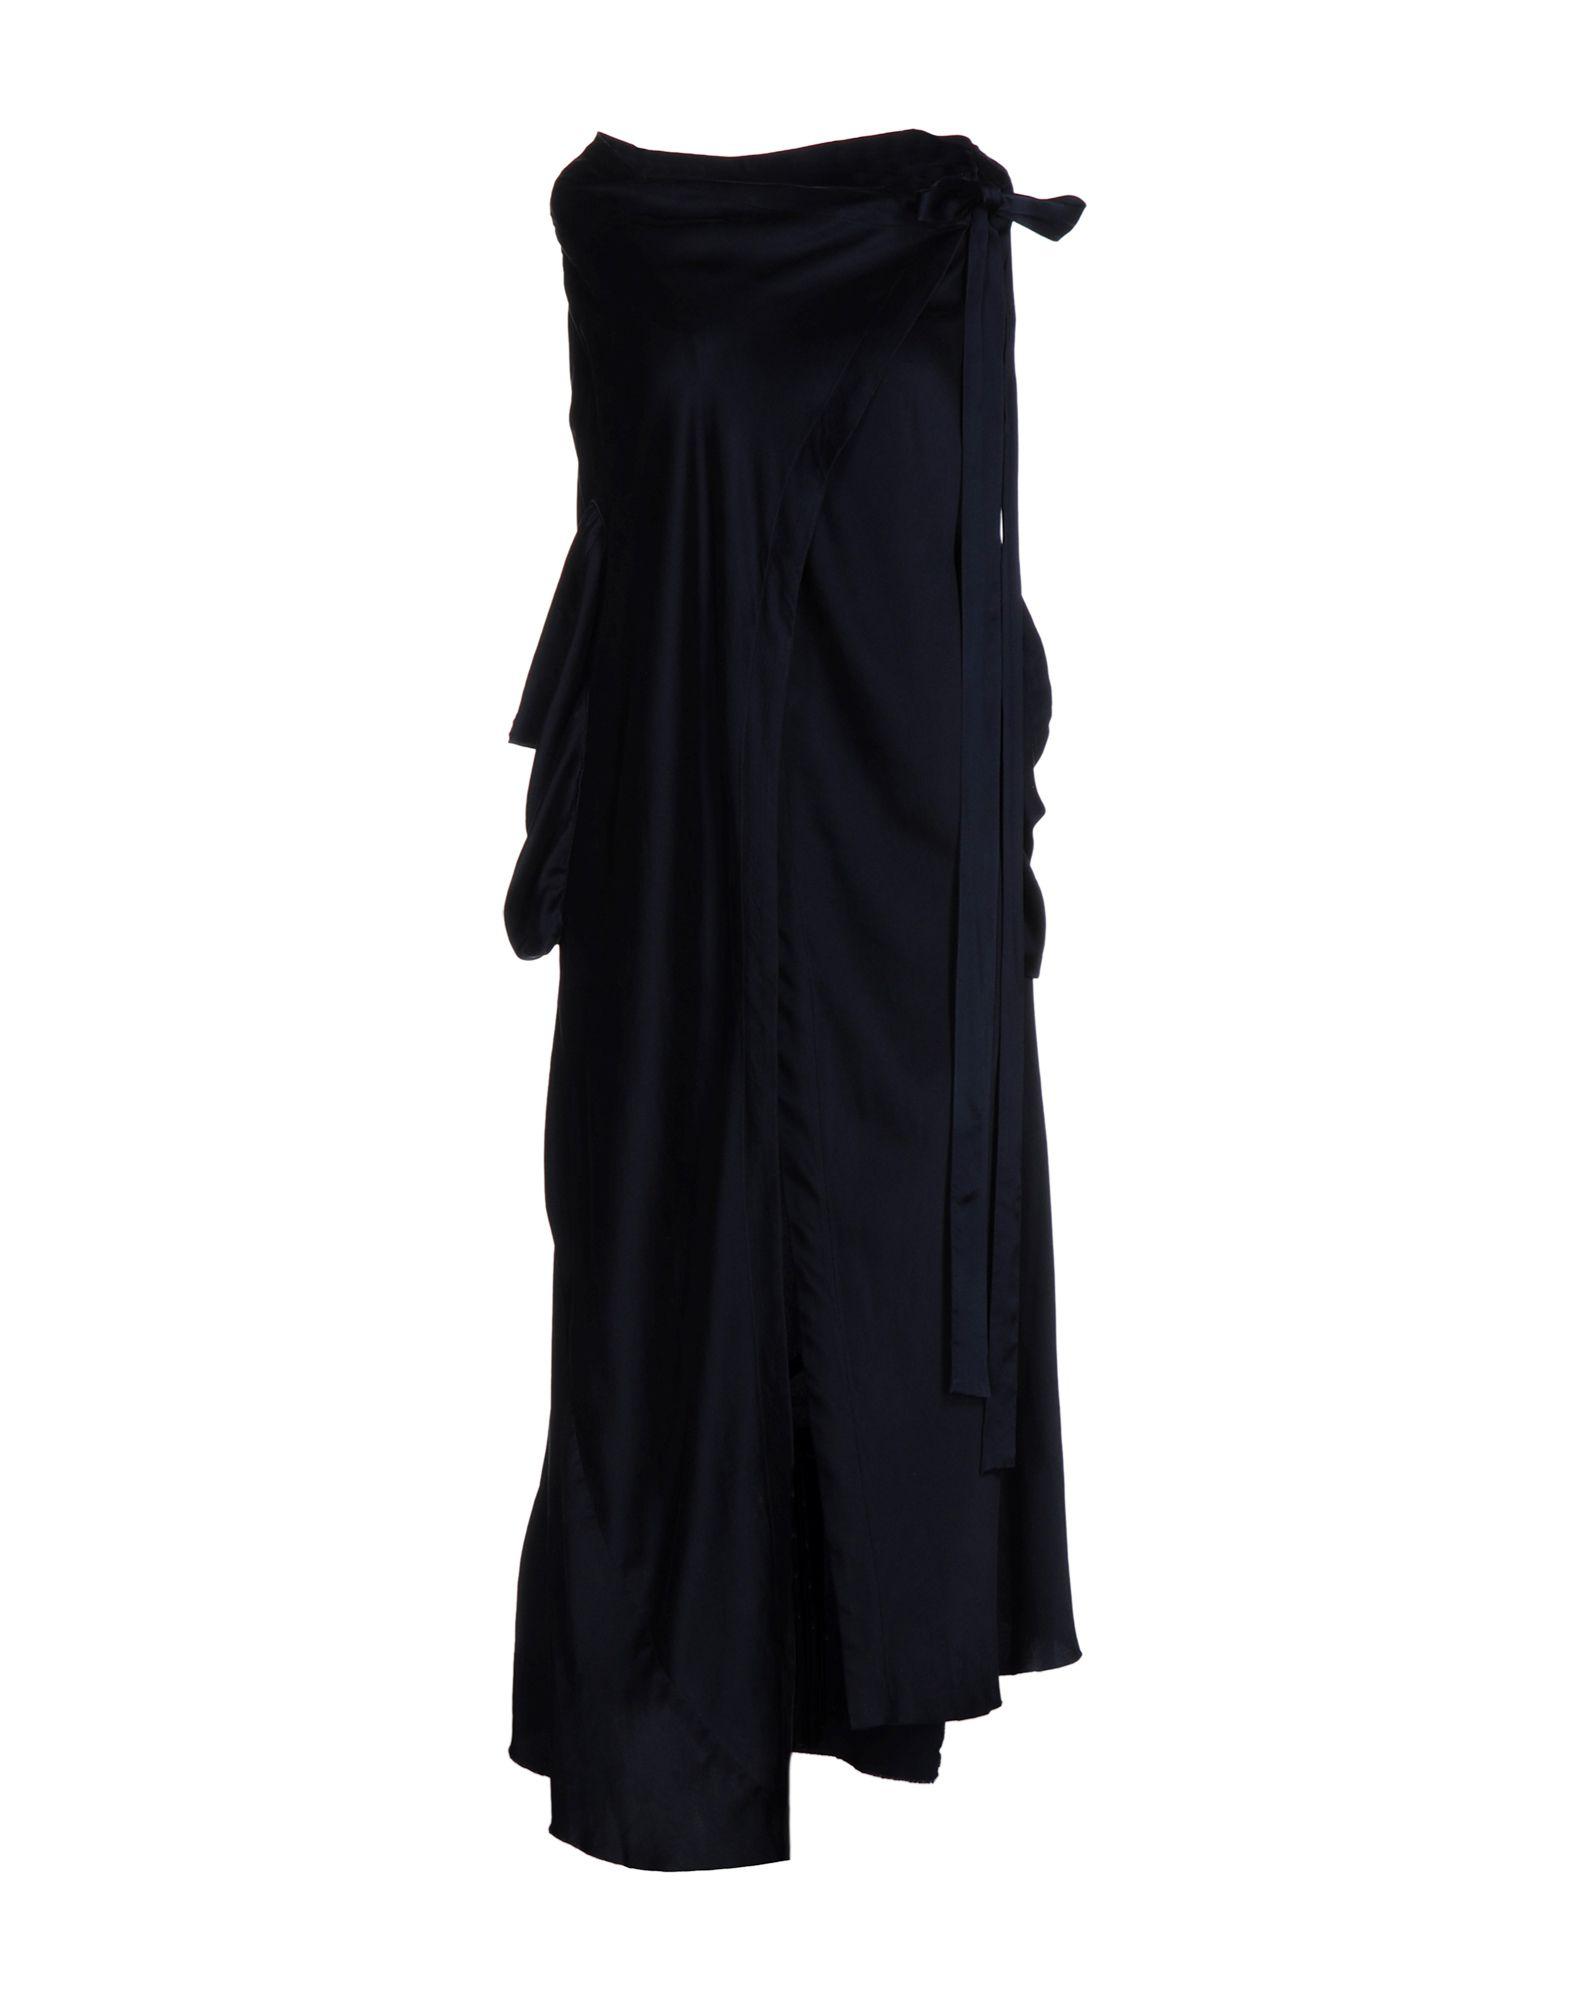 GREG LAUREN Платье длиной 3/4 lisa corti платье длиной 3 4